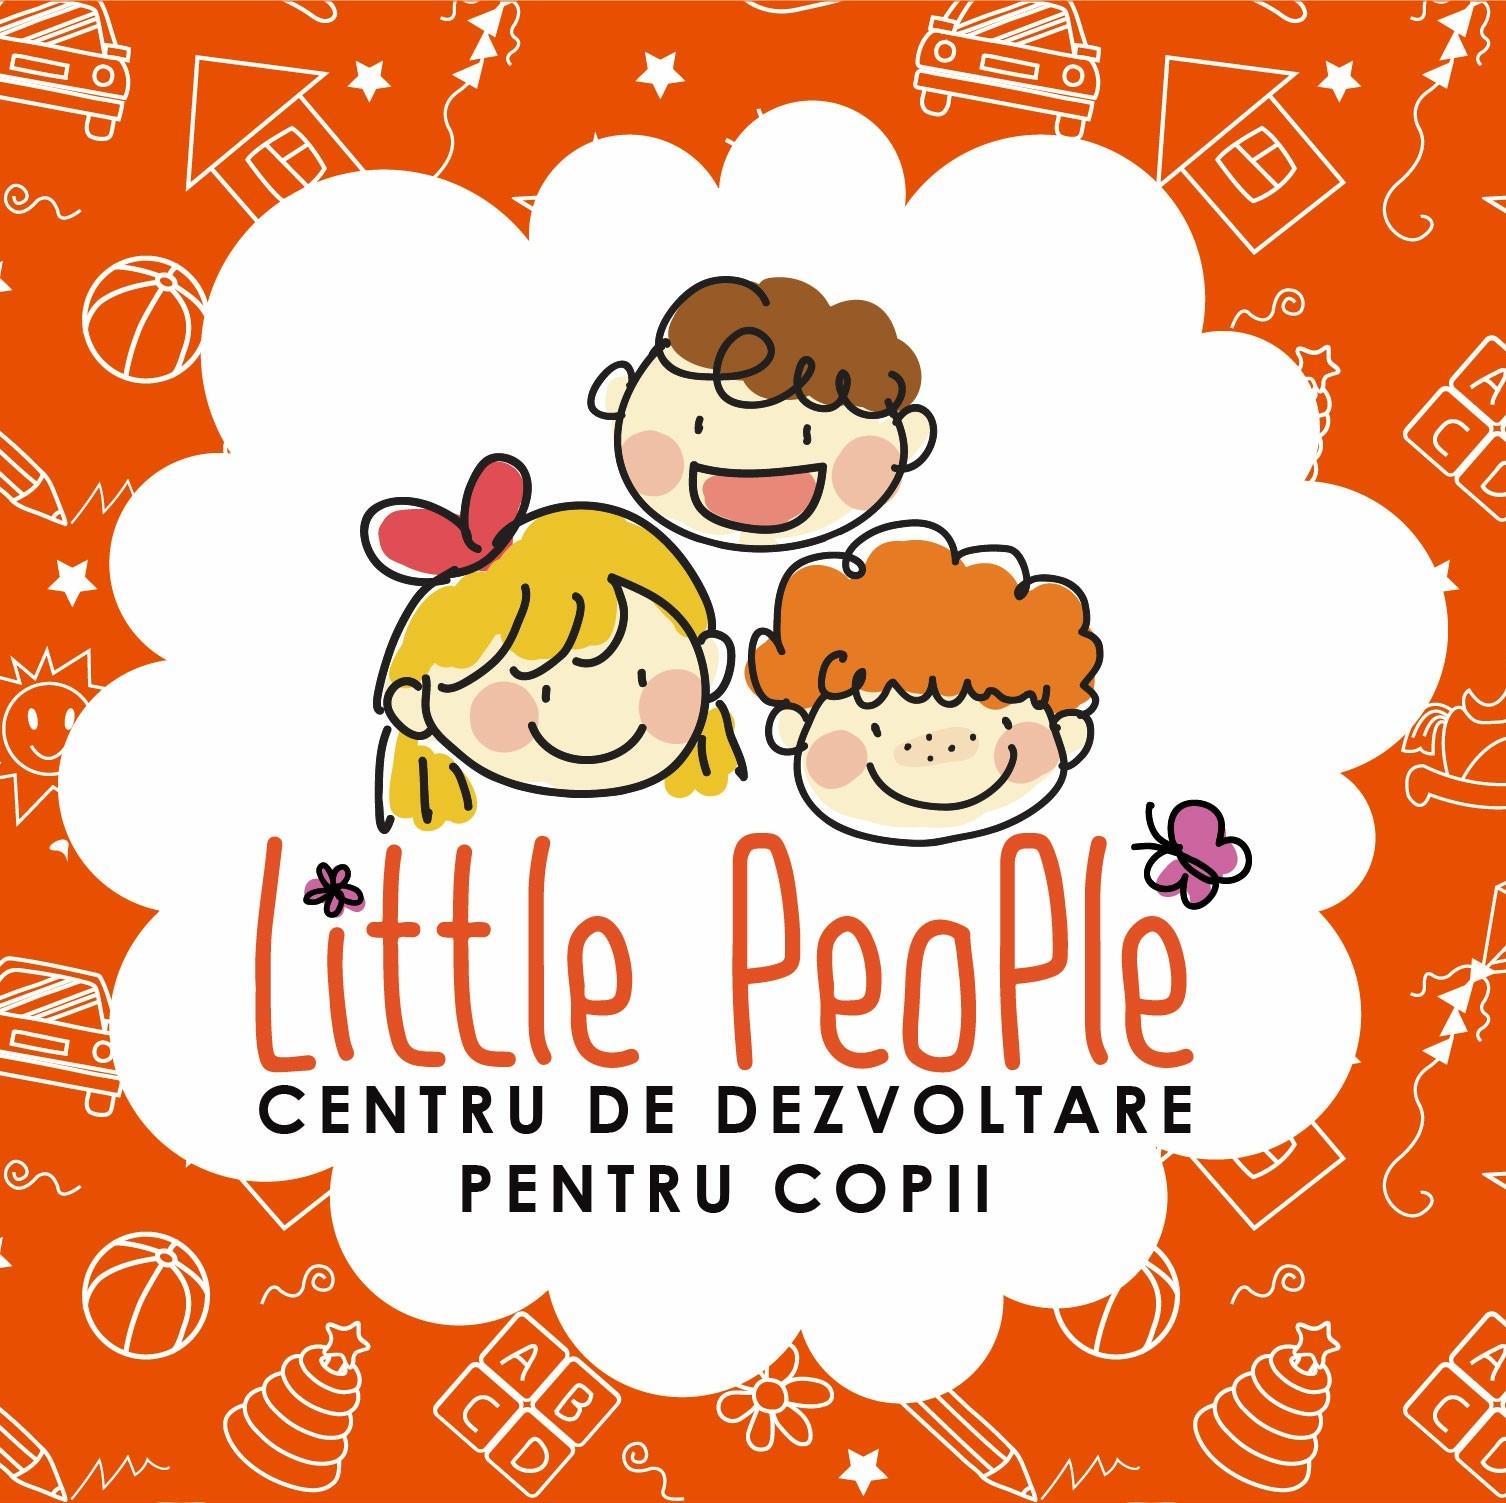 logo Little People – Centru de dezvoltare pentru copii